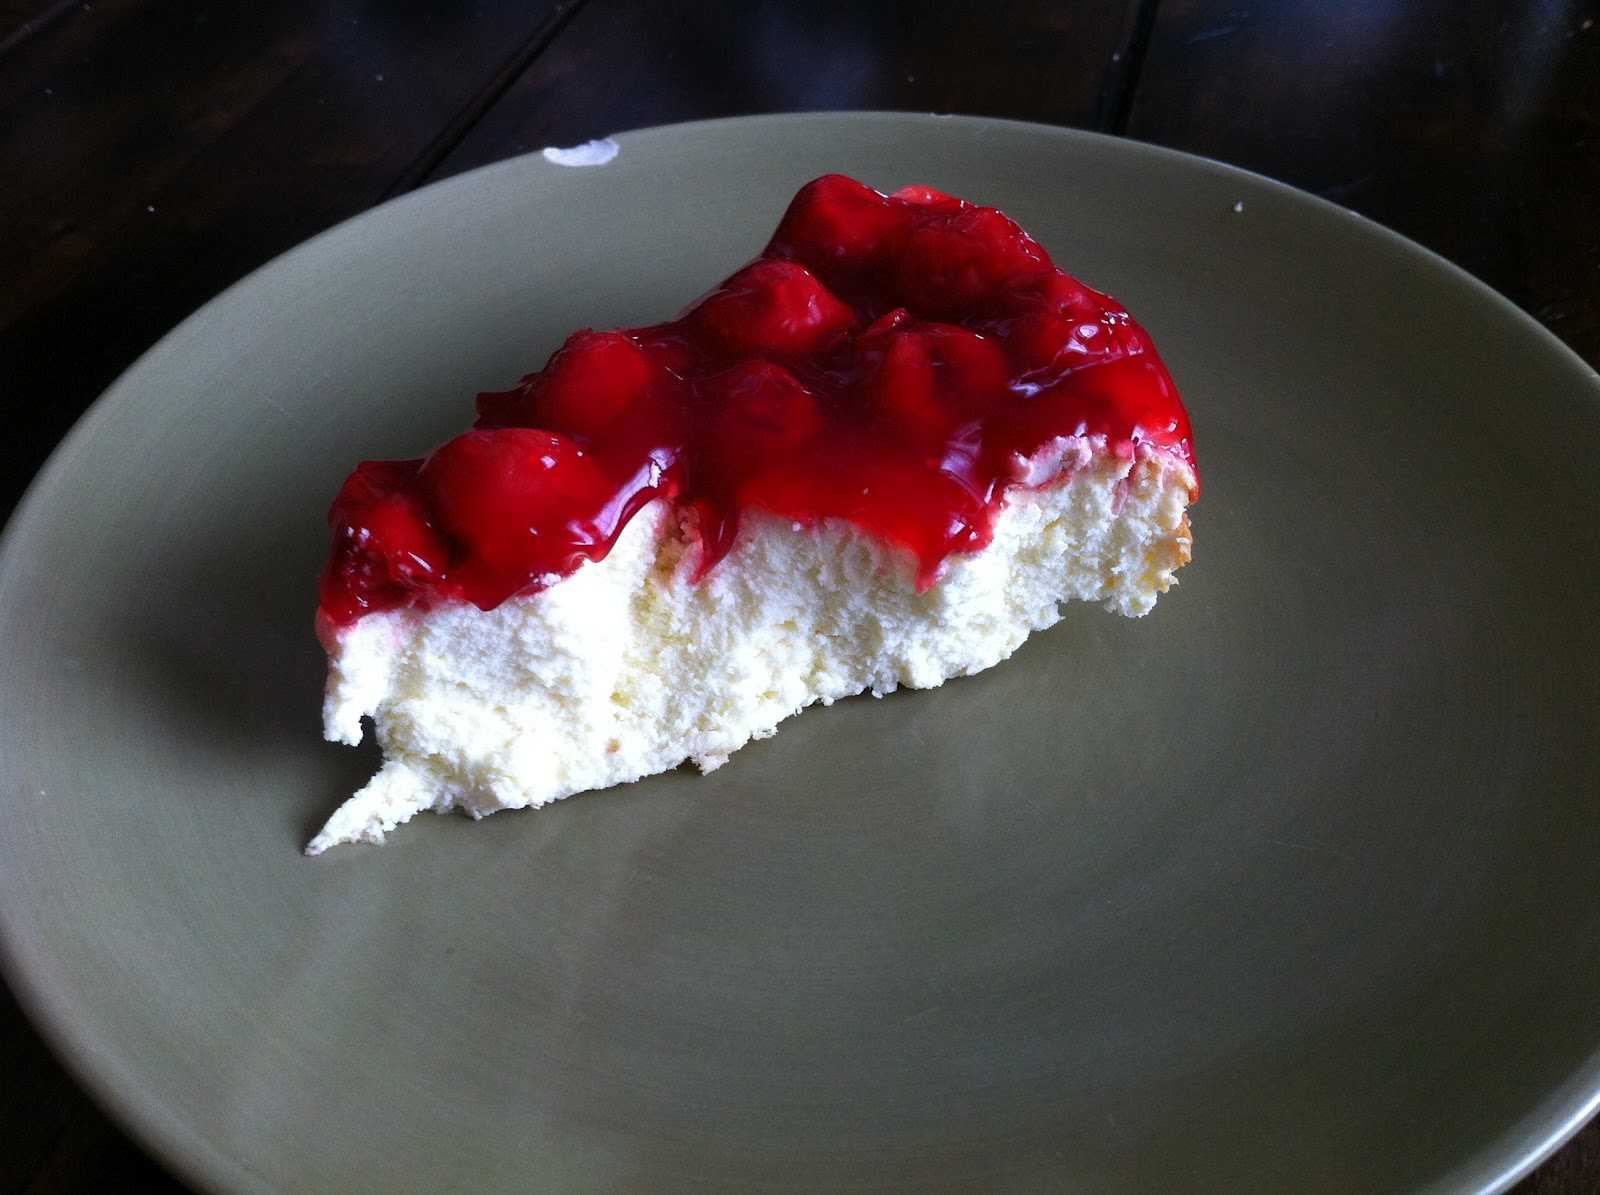 Sugar Free Like Me: Sugar Free/Low Carb Cheesecake